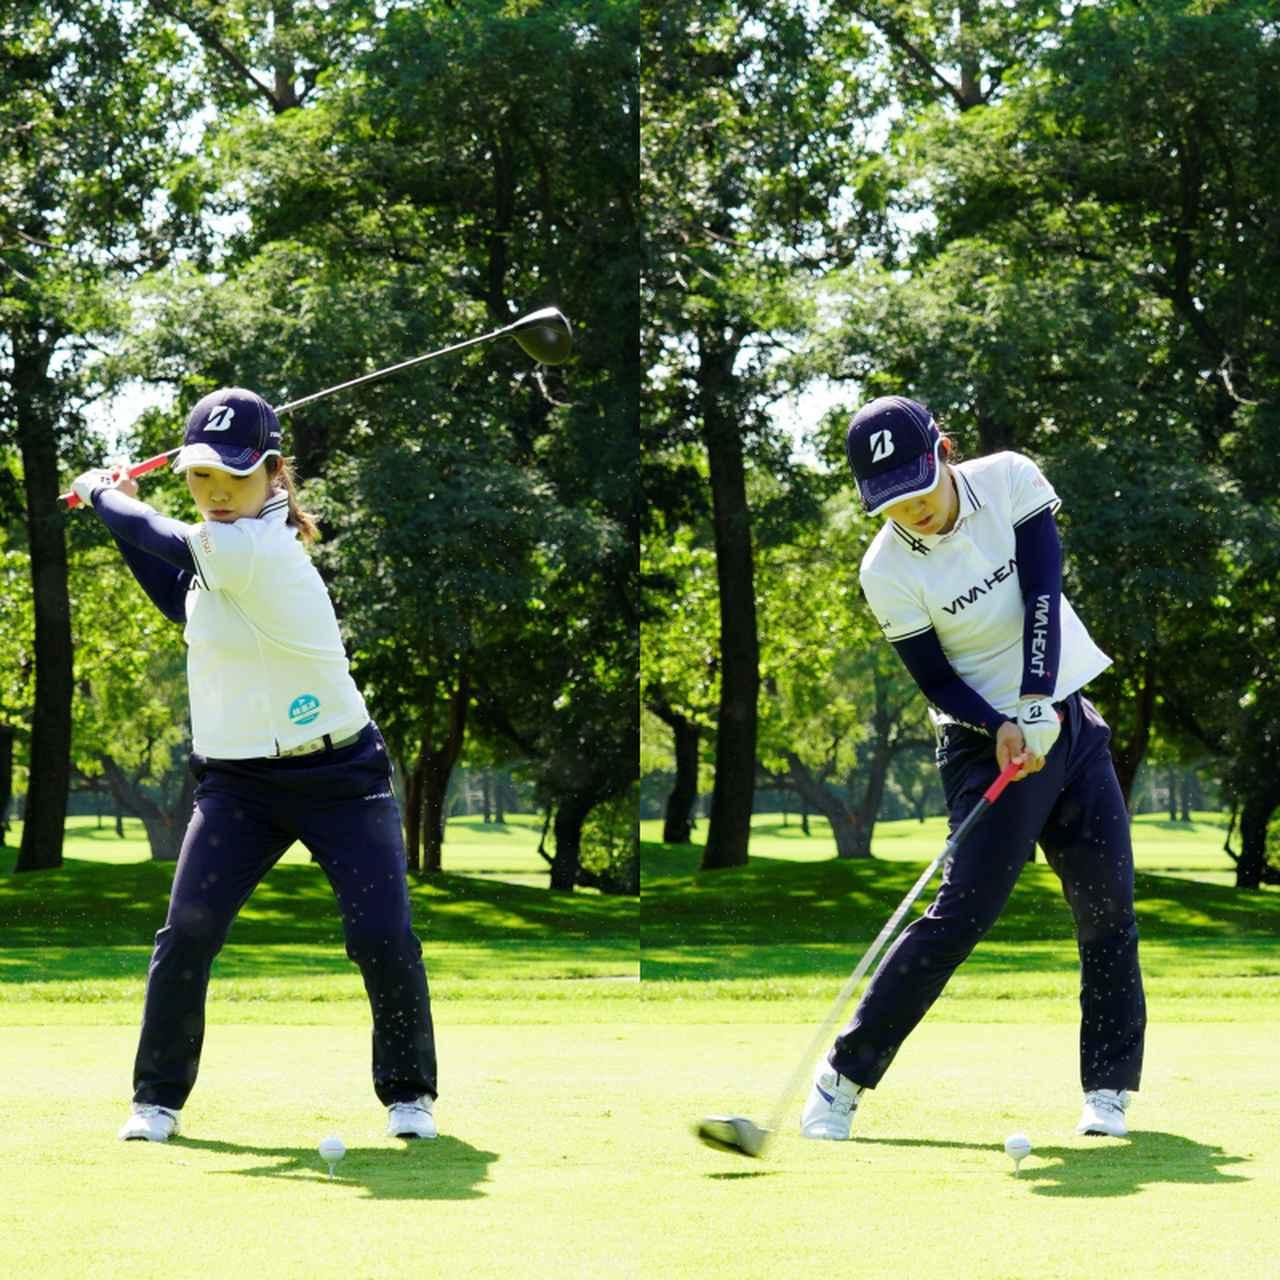 画像: 画像B 切り返しの早い餡会でボールをつかまえる準備が整い(左)、フェースがスクェアでいるゾーンが長い(右)(写真は2020年のニトリレディストーナメント 代表撮影上山敬太)